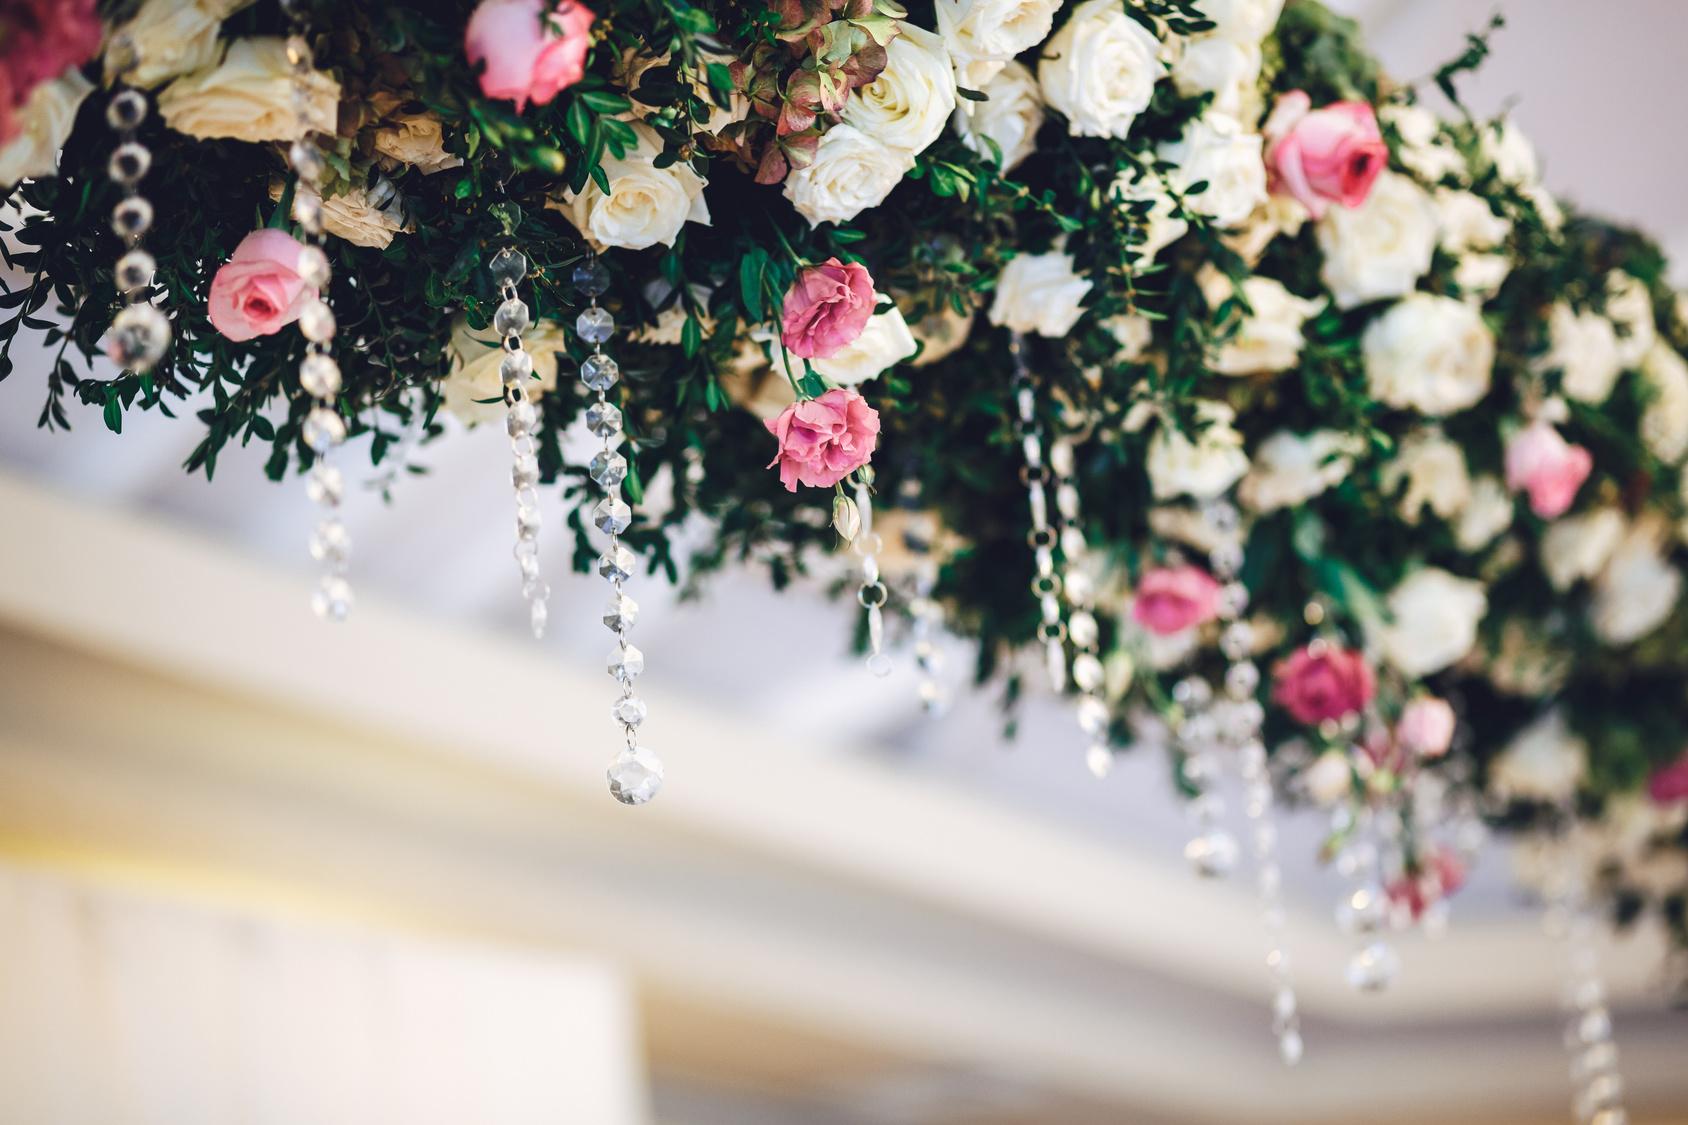 podwieszane girlandy kwiatowe ozdobione kryształkami na weselu